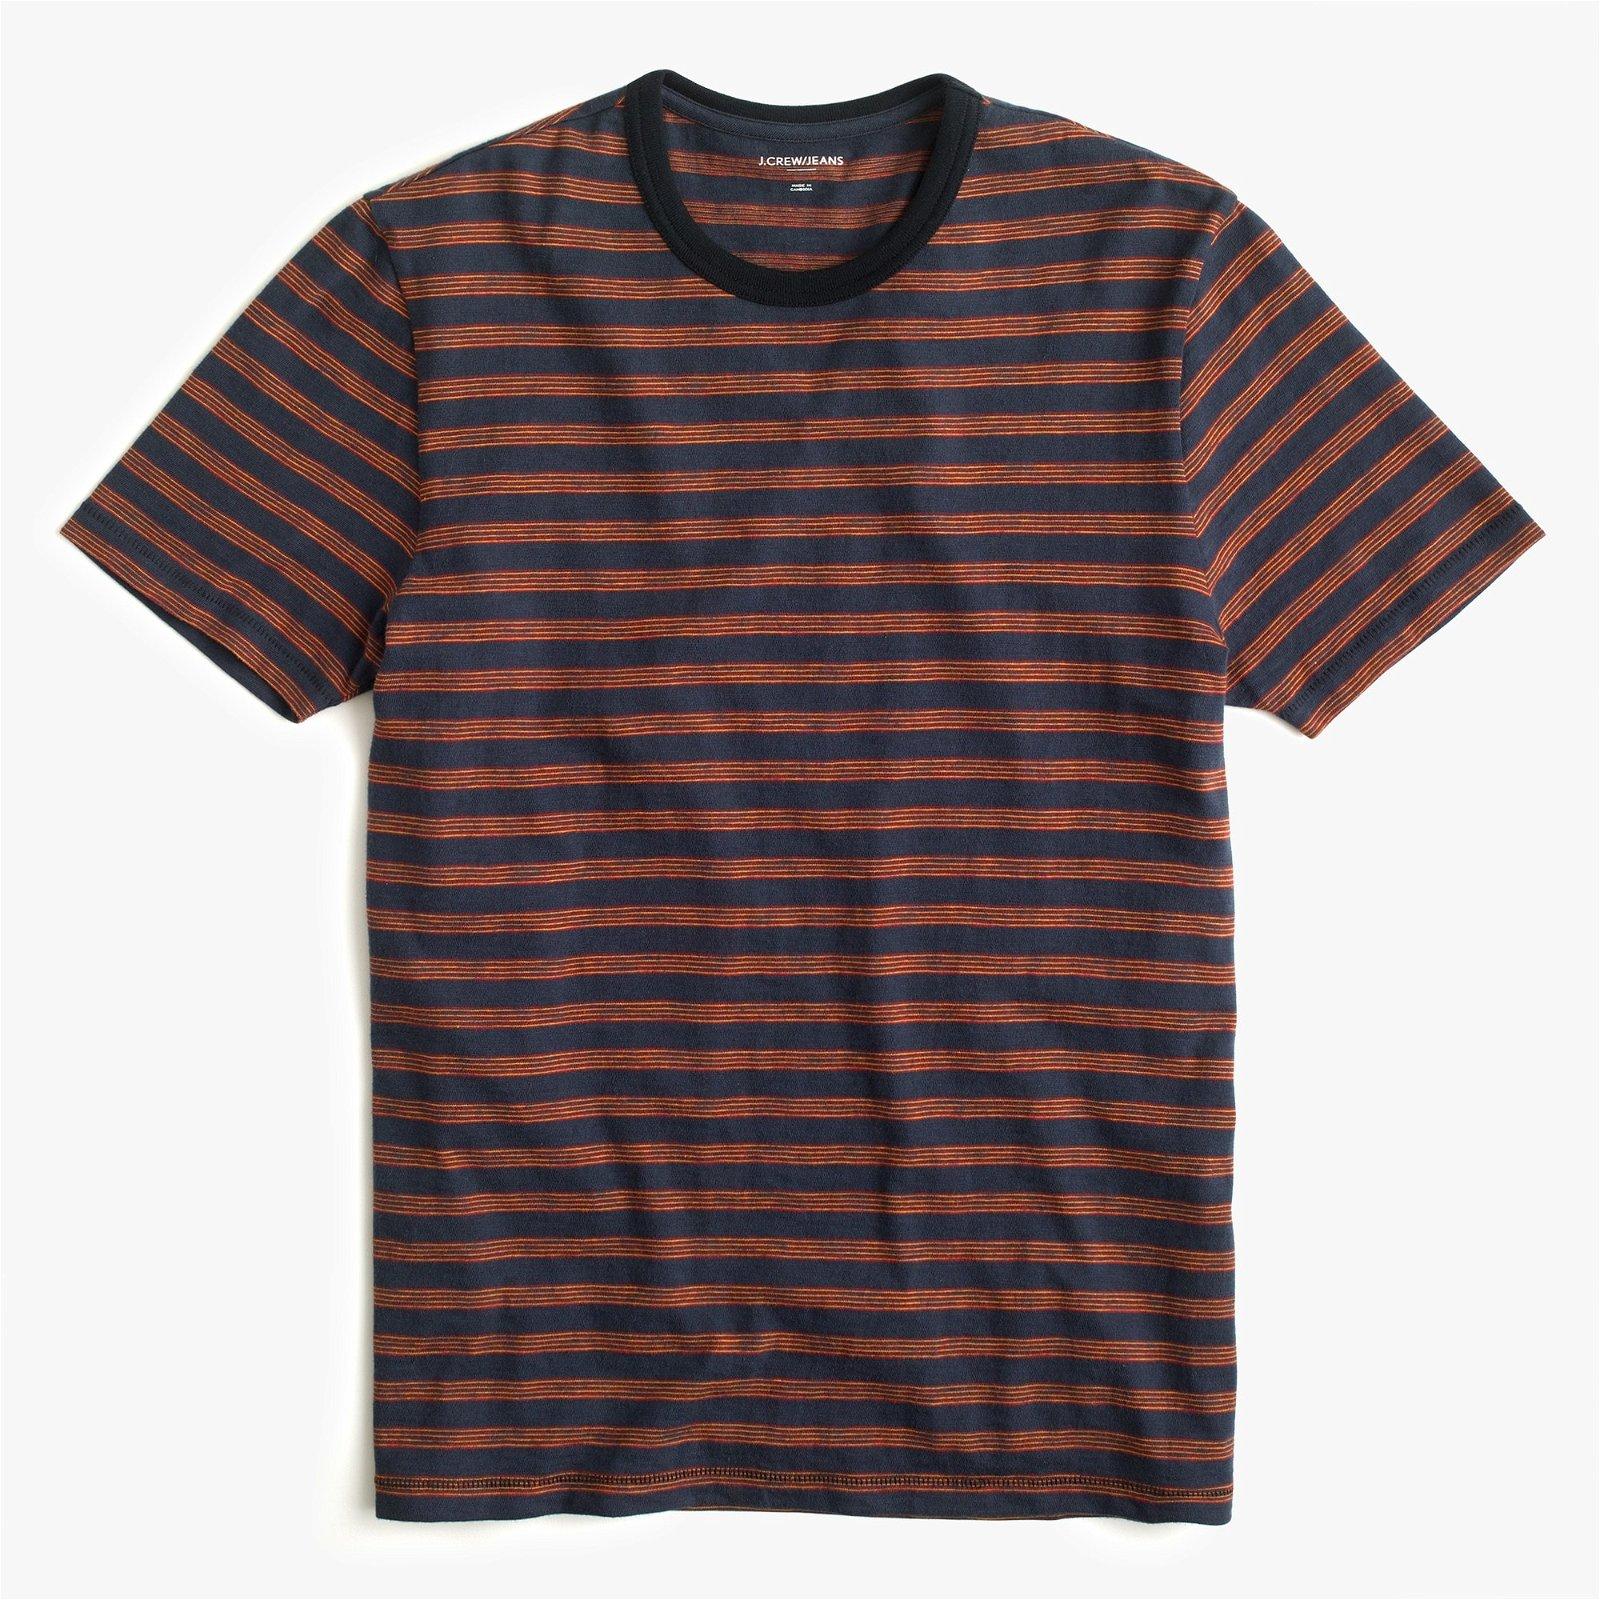 J.Crew Jeans slub jersey T-shirt in broken stripe